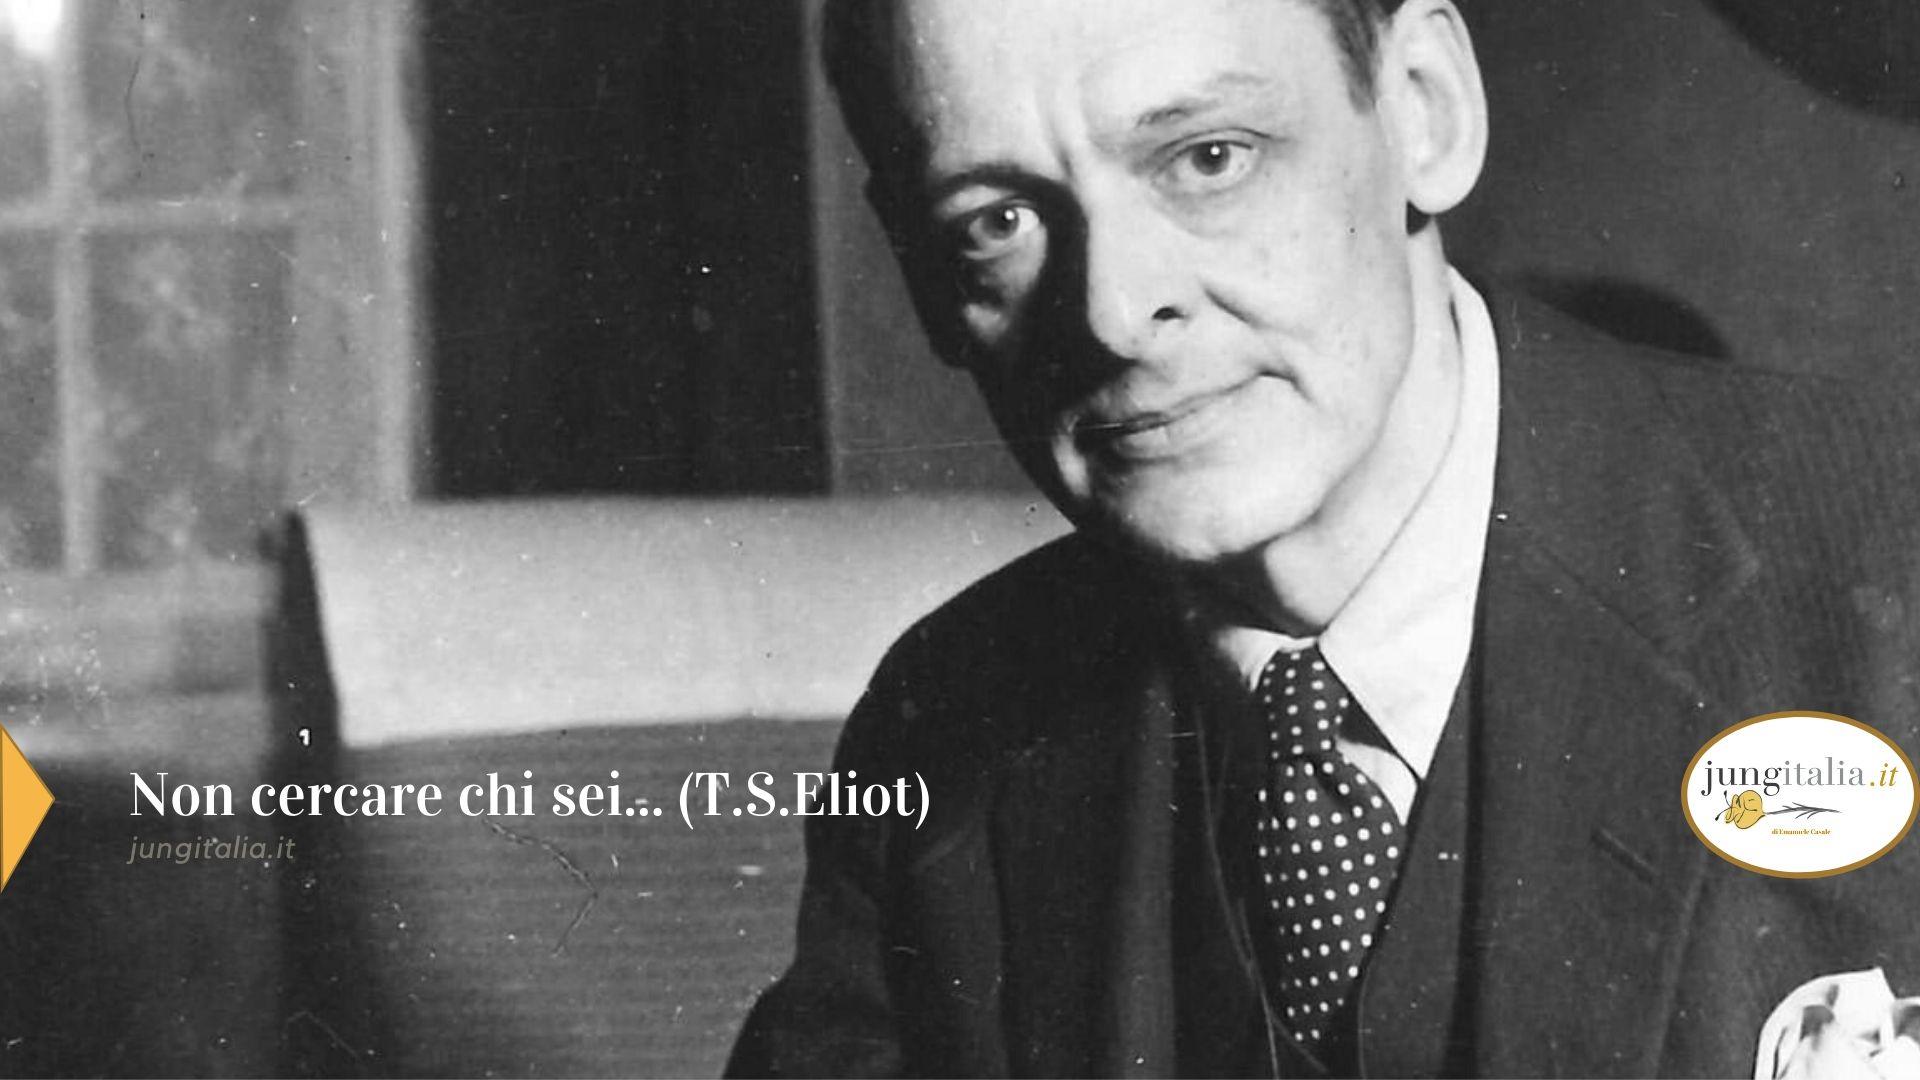 T.S.Eliot Non cercare chi sei